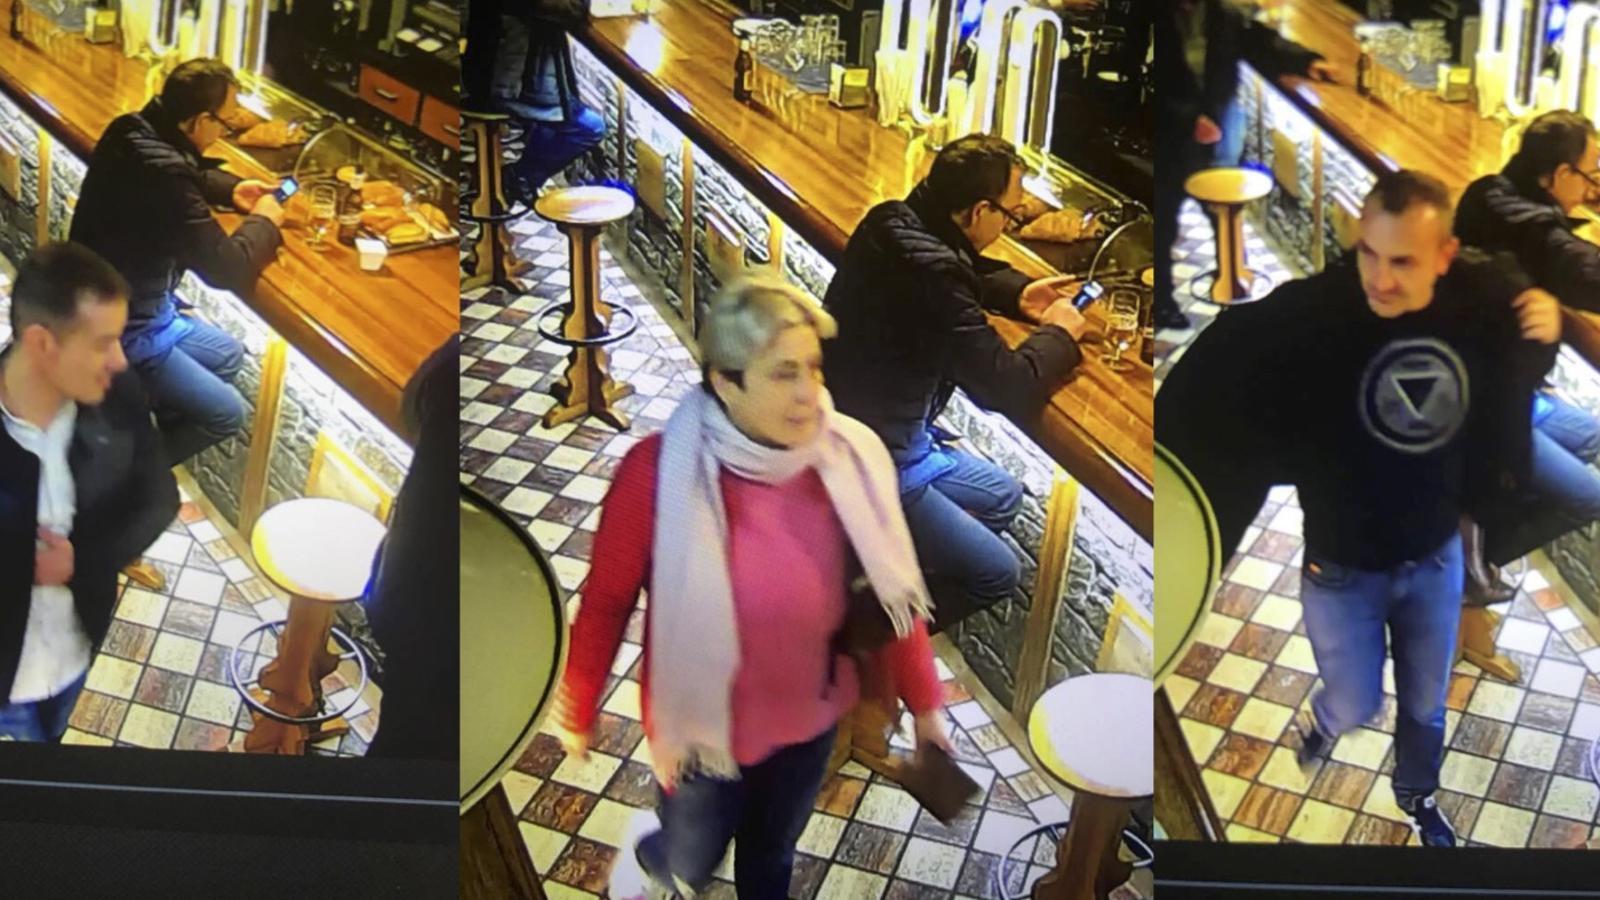 Les fotos dels presumptes carteristes, captades per les càmeres de videovigilància d'un dels locals.